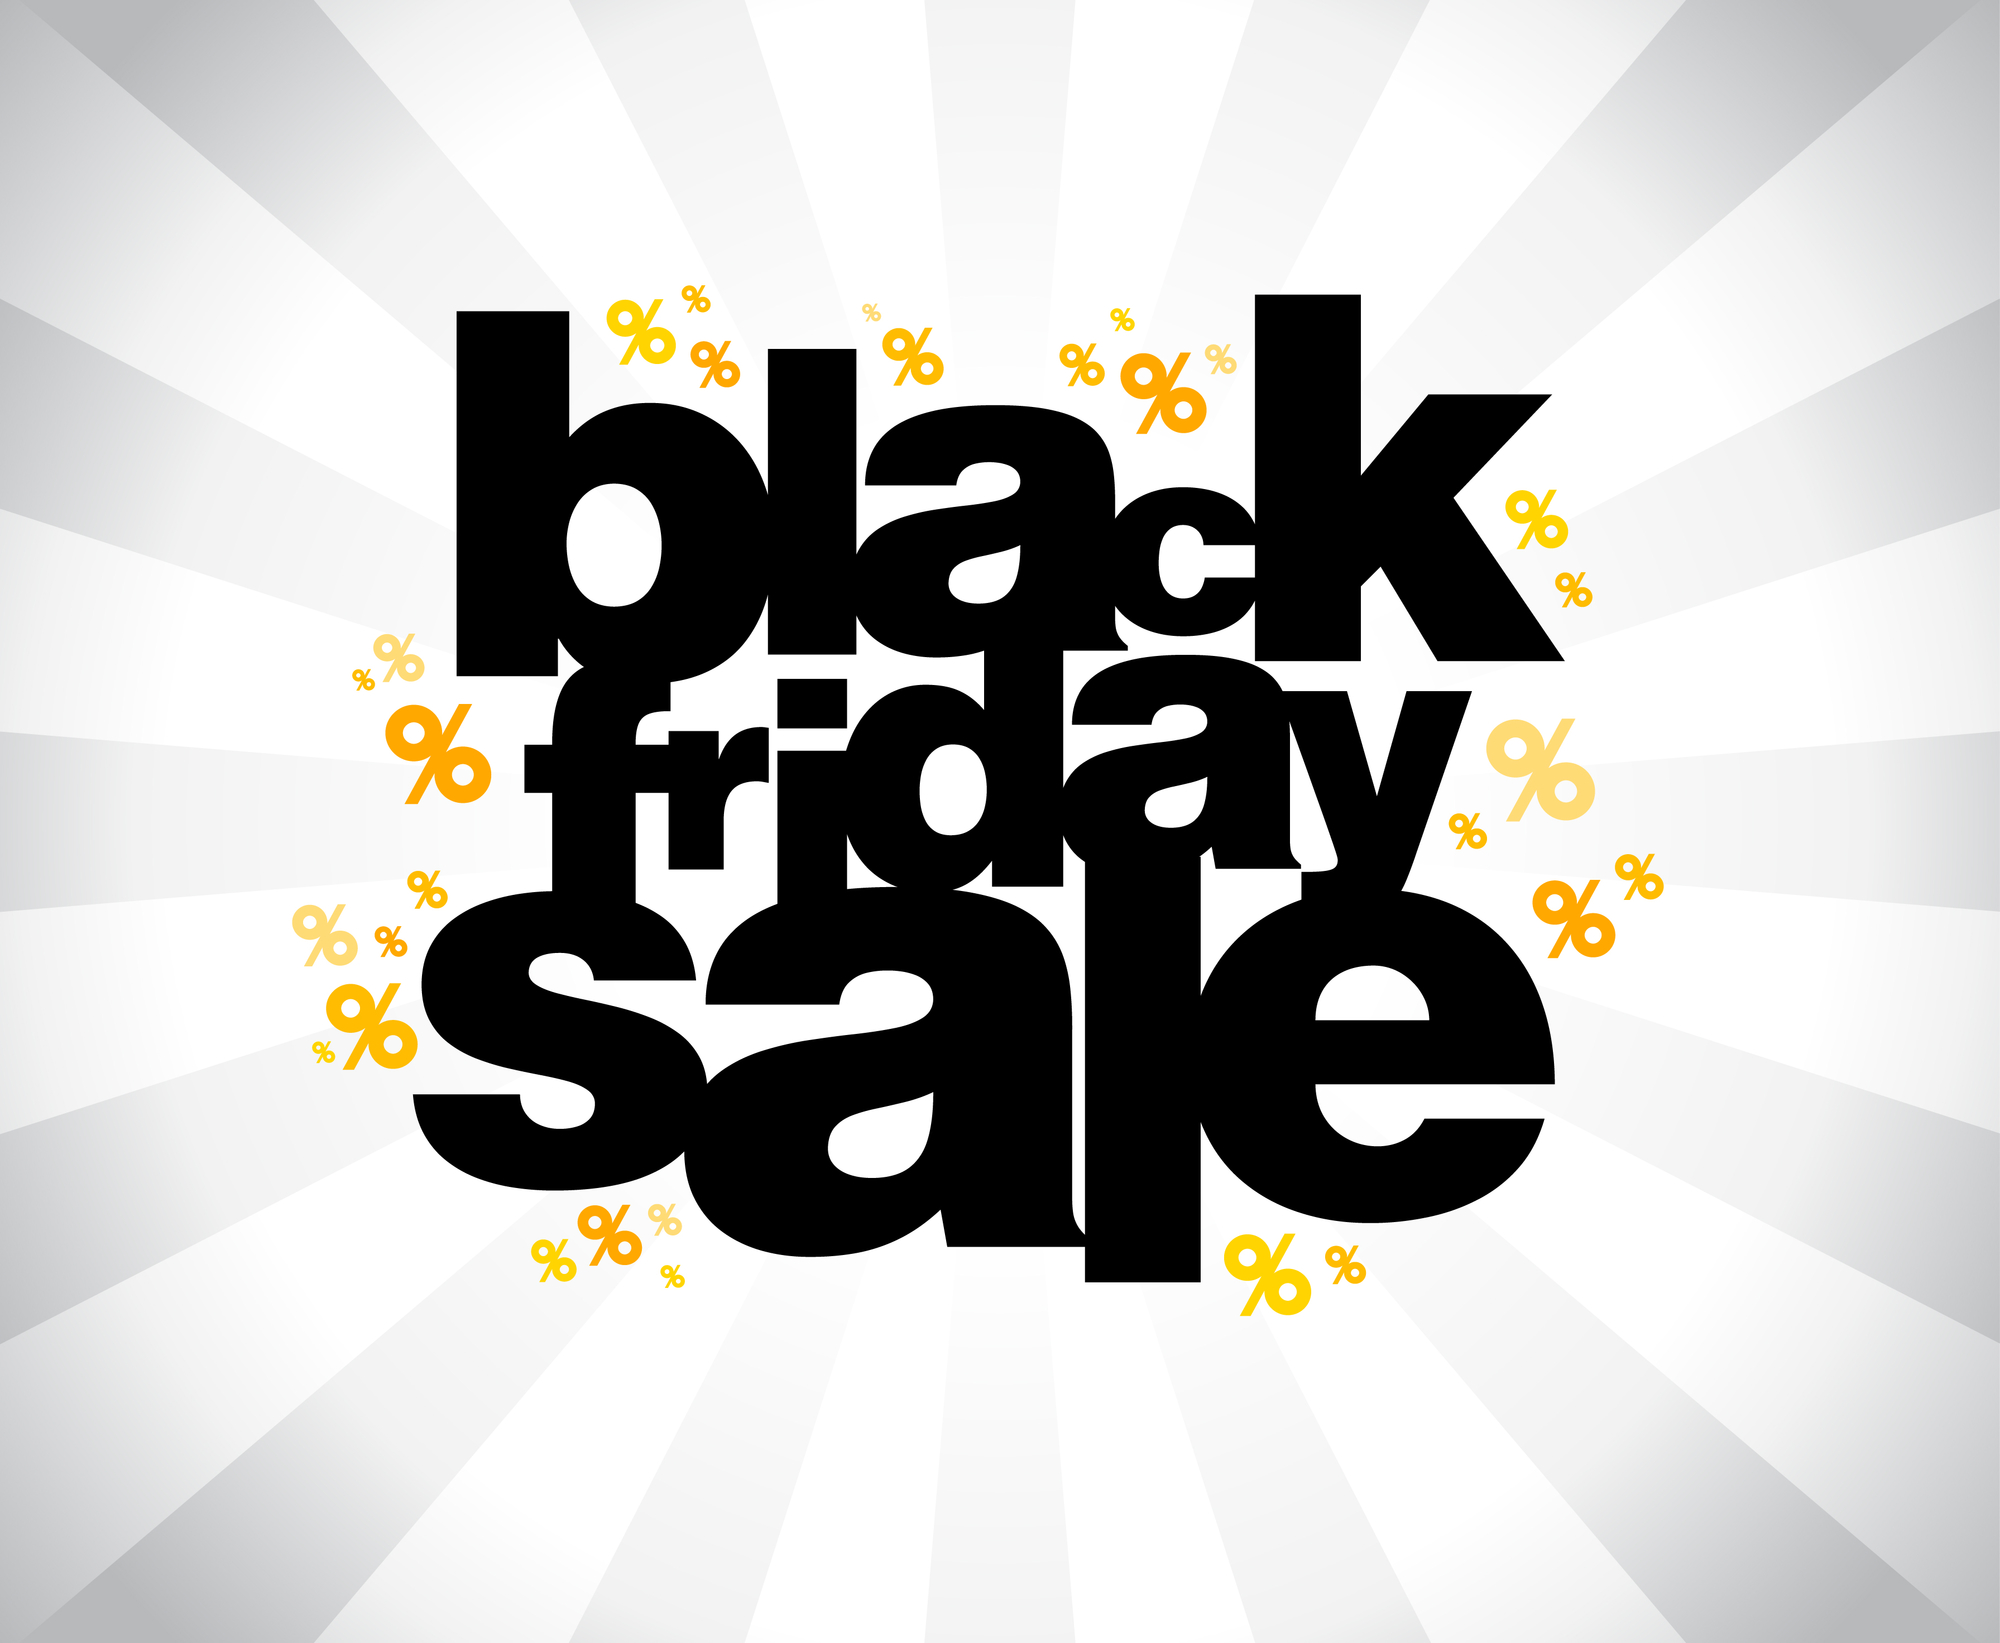 Dierks Farms Black Friday Sale